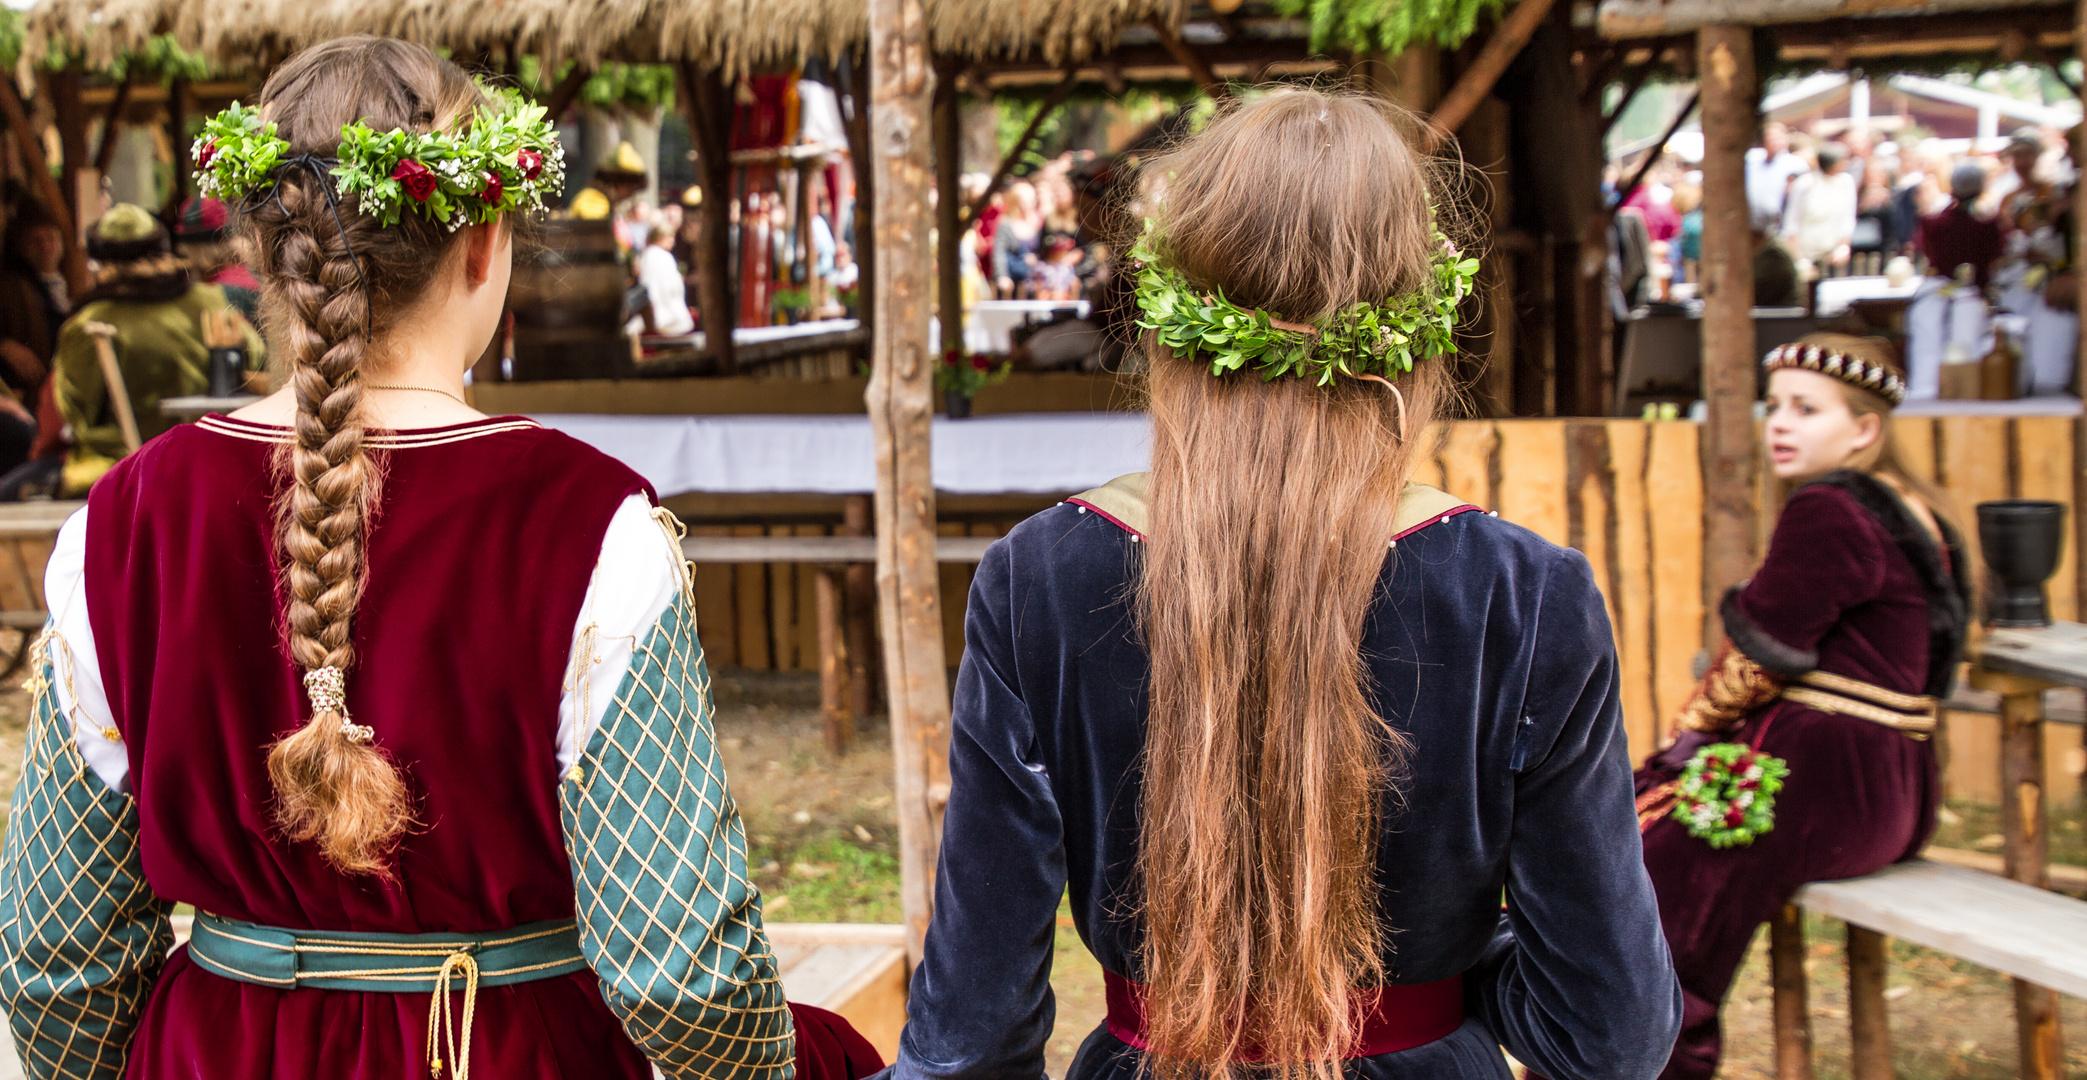 Landshuter Hochzeit 2017 11 Foto Bild Deutschland Europe